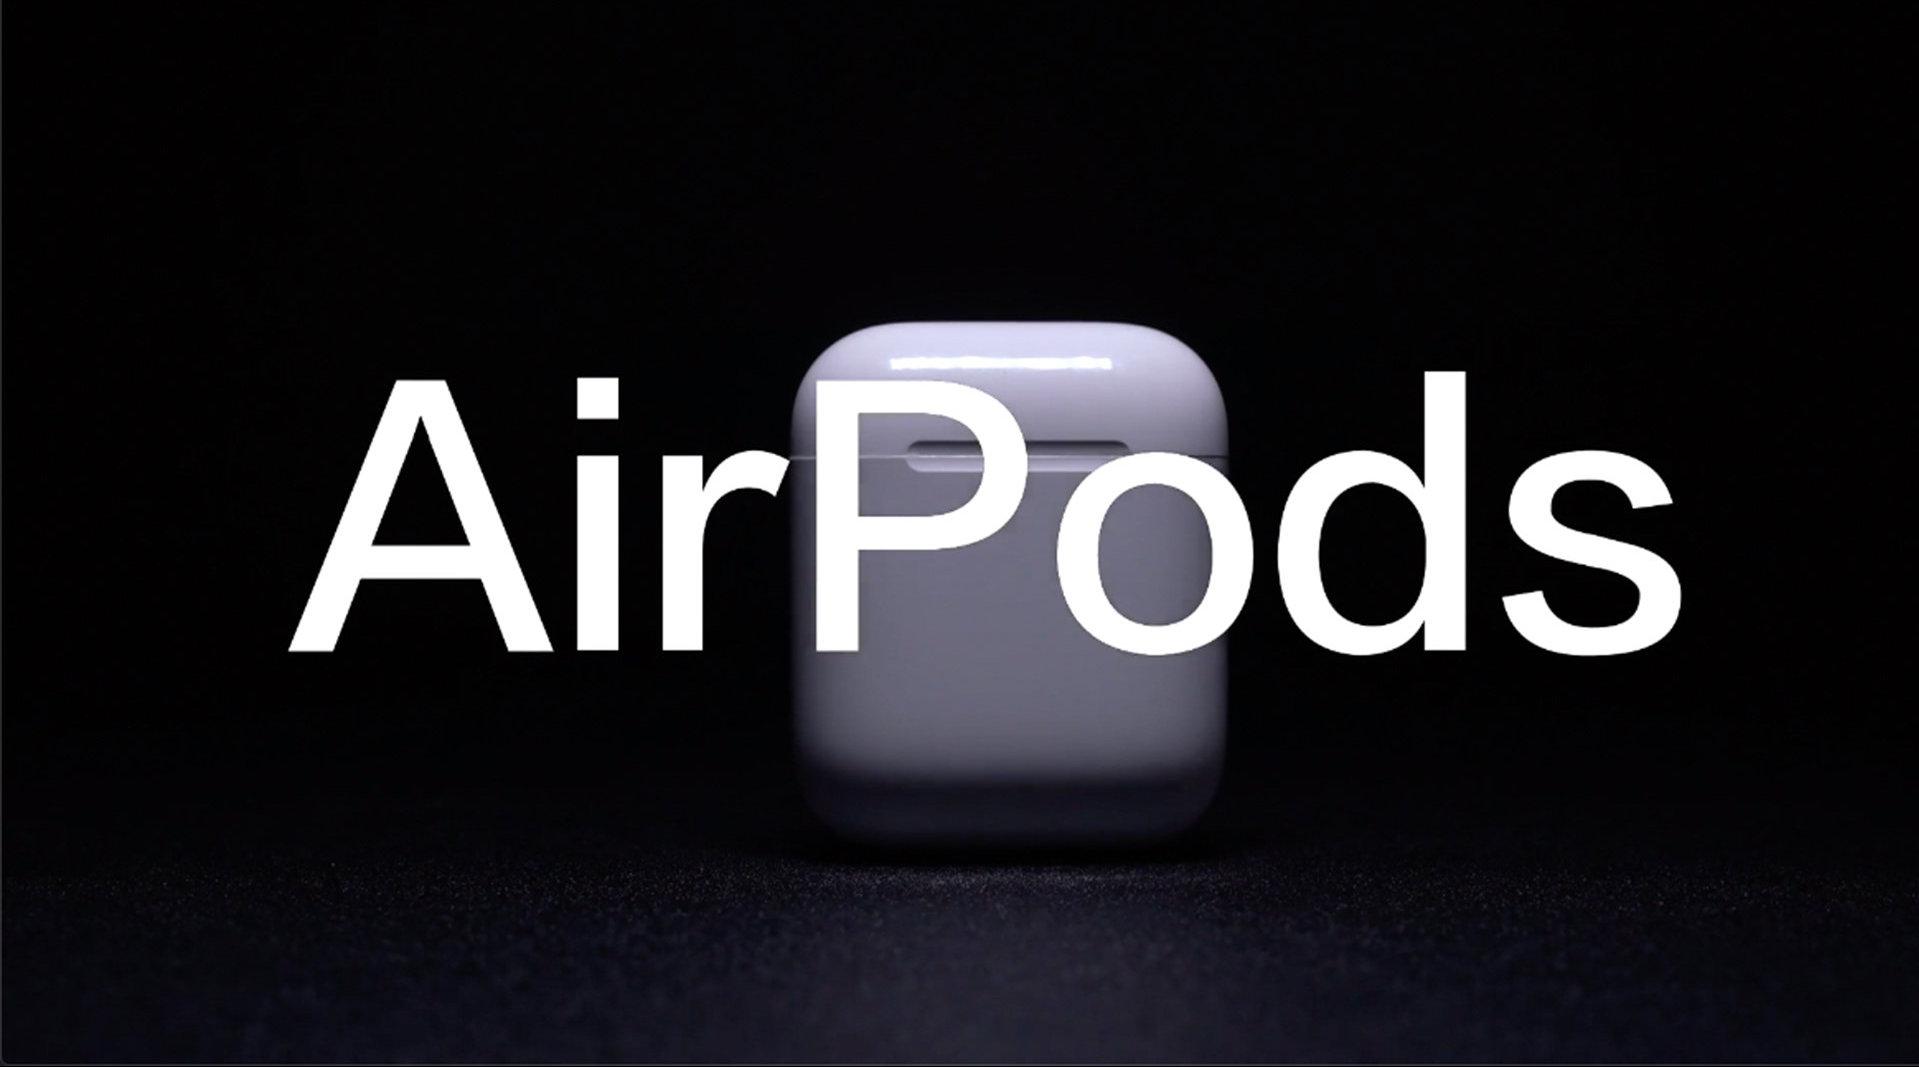 苹果史上最小产品,一年竟能赚420亿!